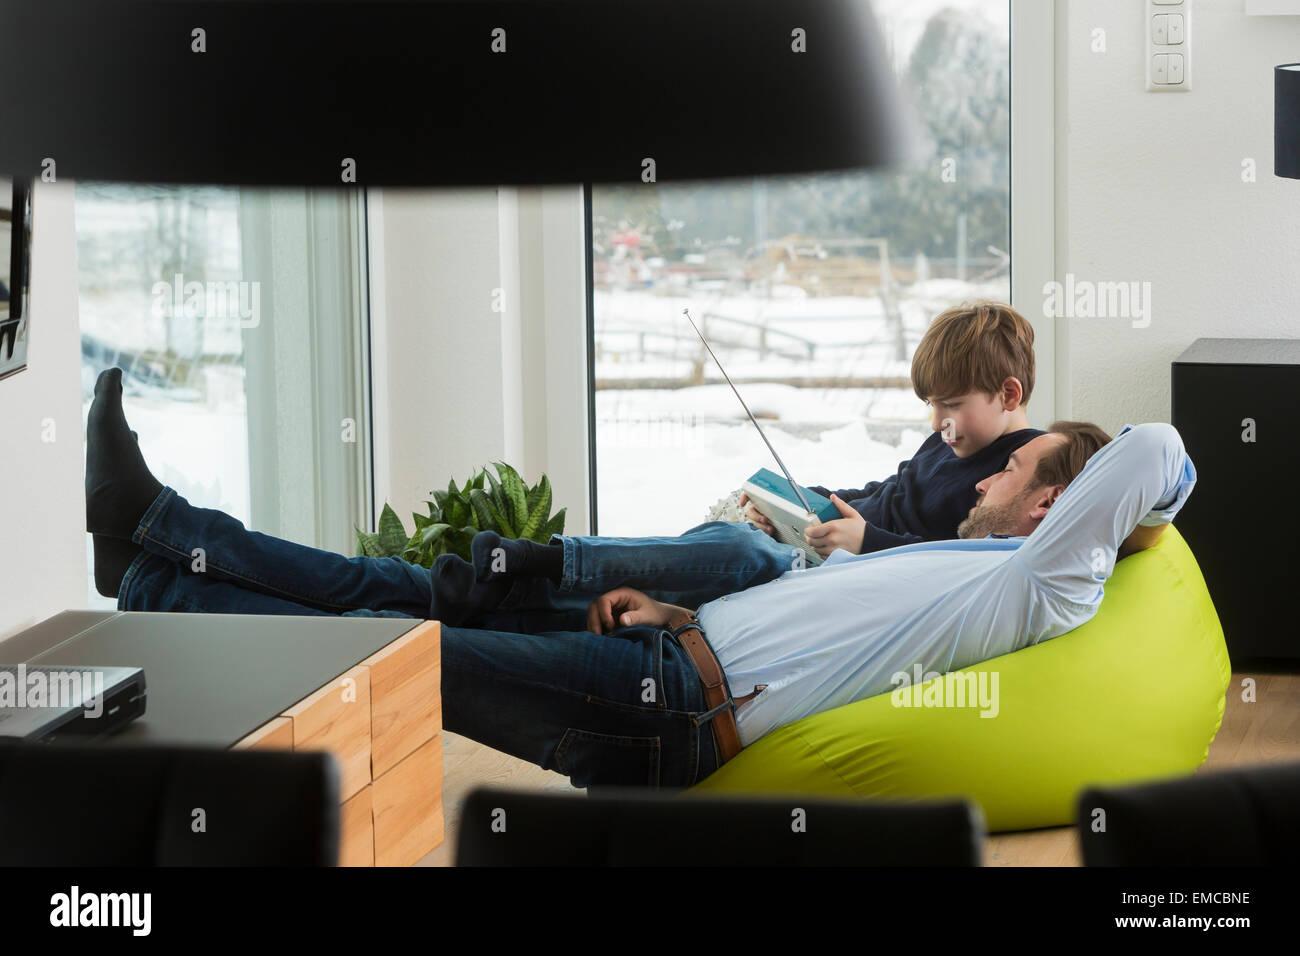 Vater Und Sohn Ein Altes Radio Im Wohnzimmer Horen Stockfoto